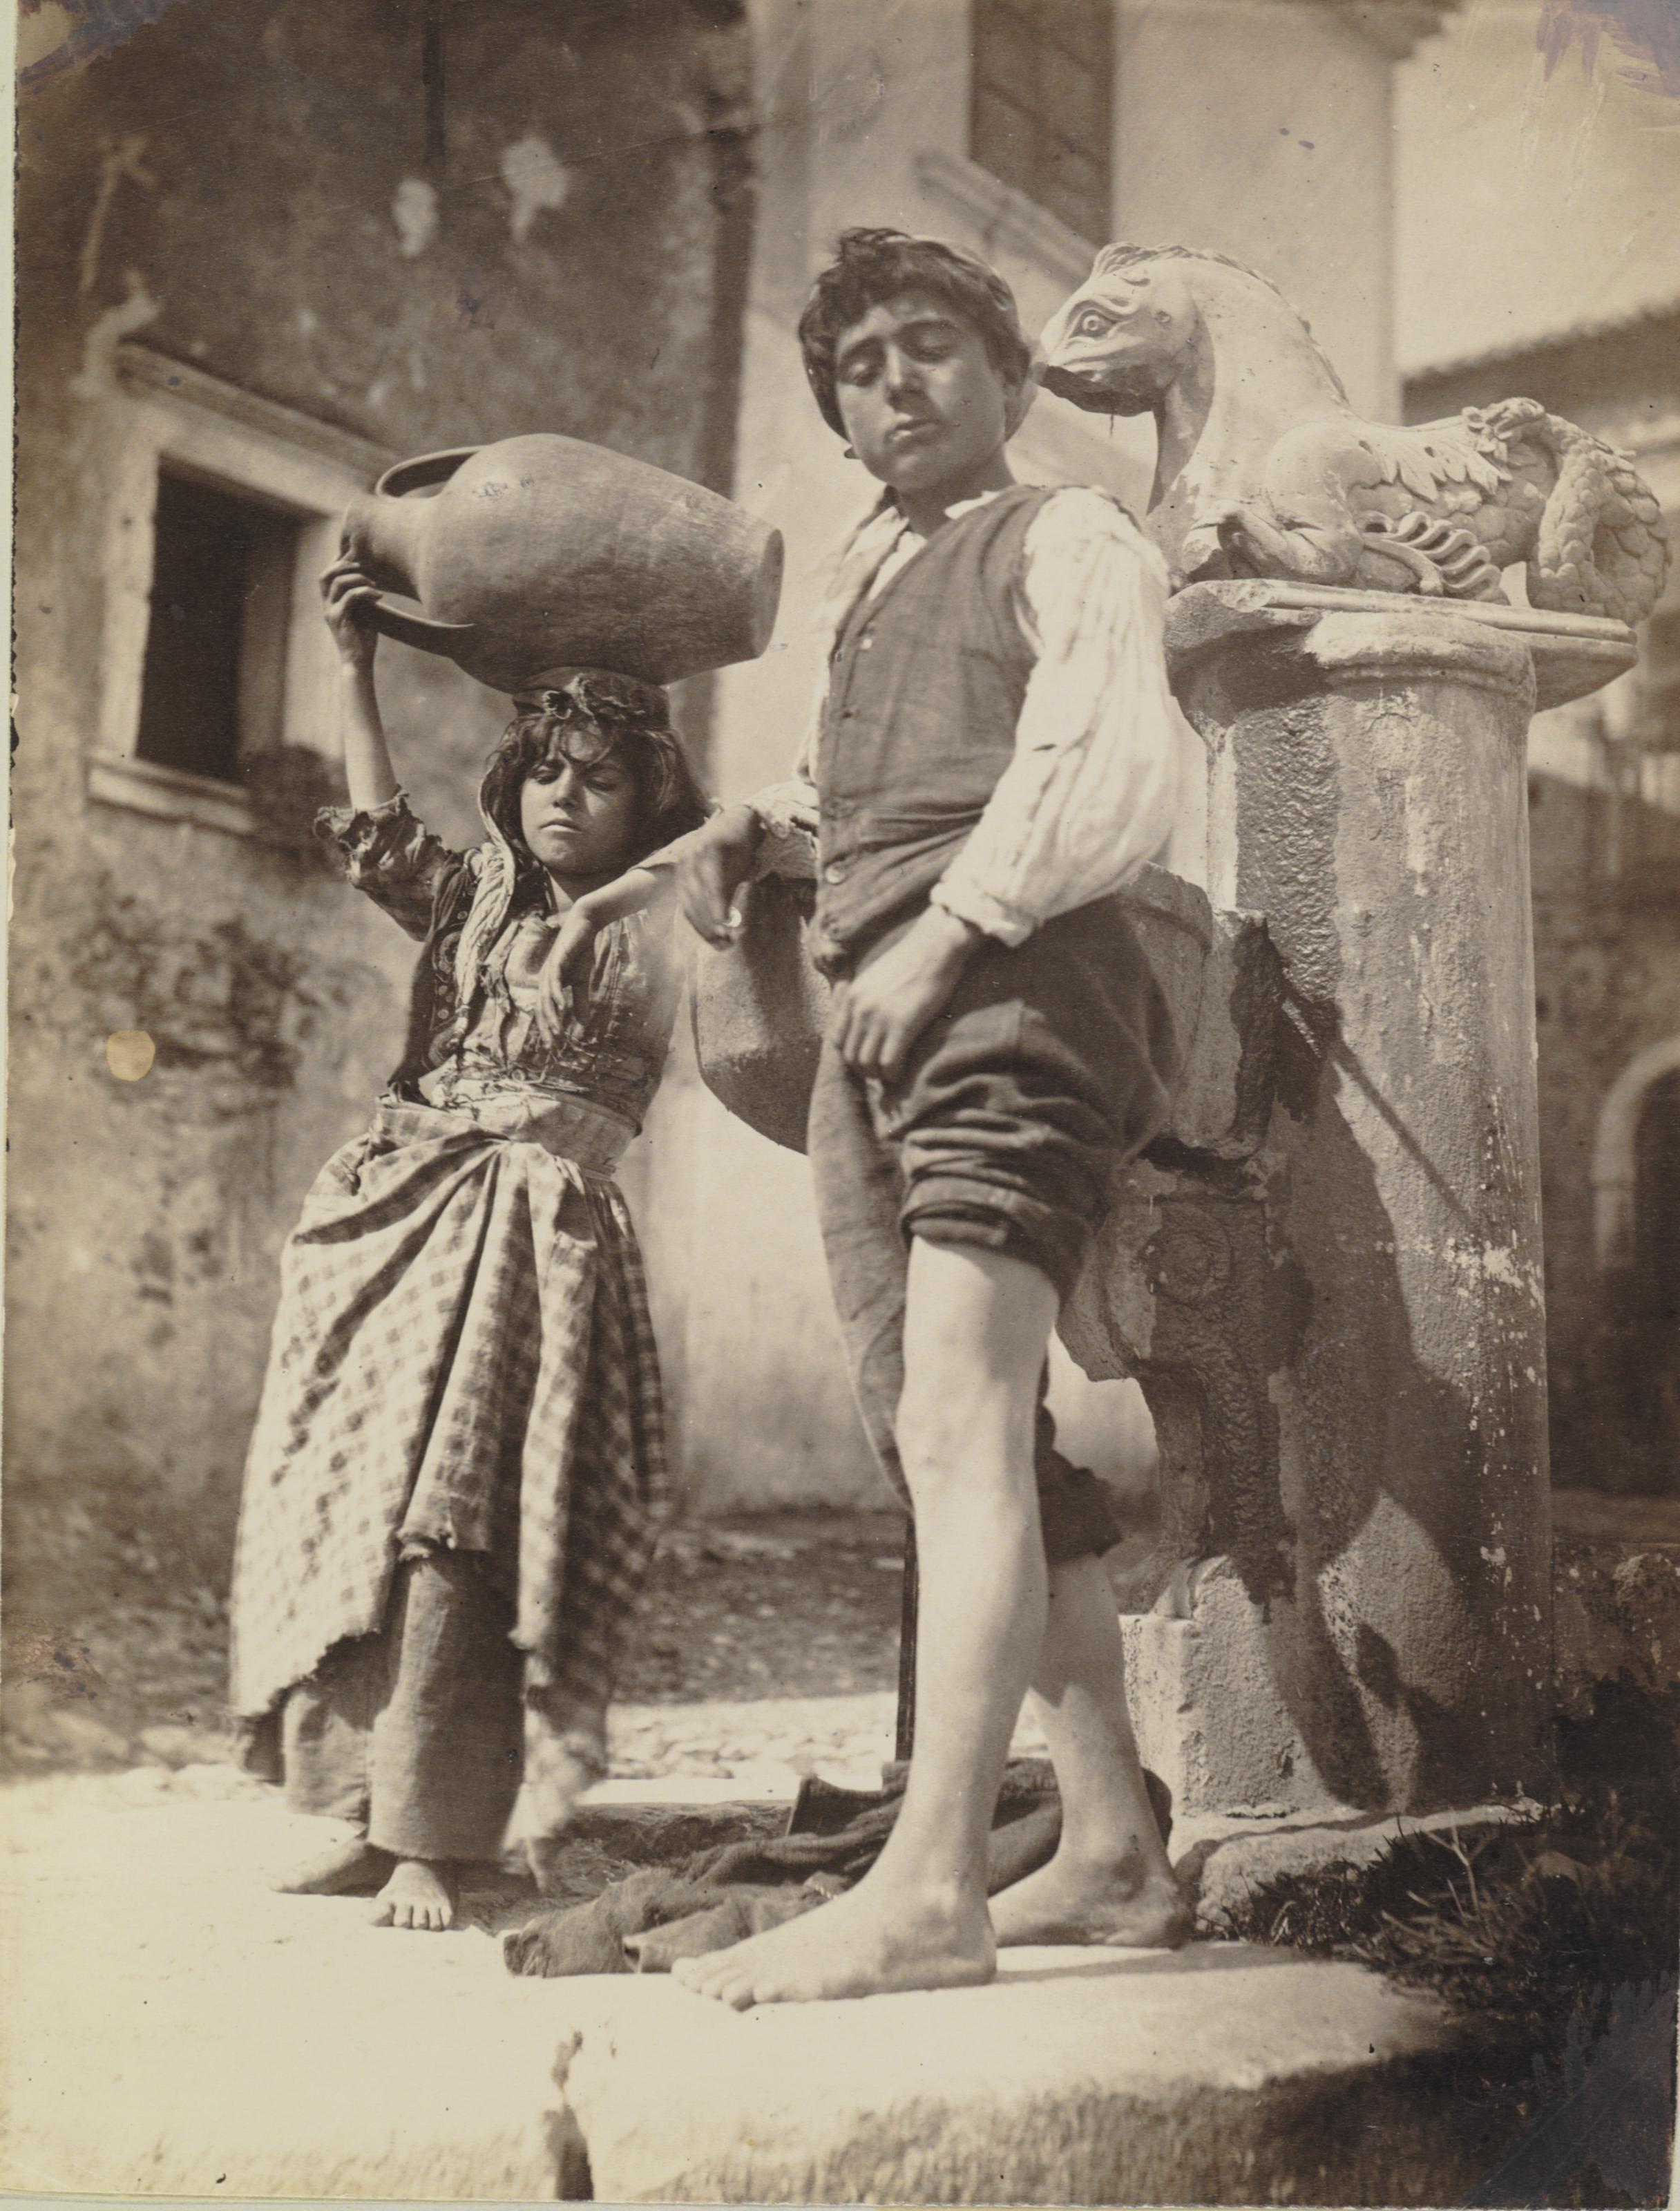 2012 NYR 02603 0120 000baron wilhelm von gloeden two sicilian youths c 1916